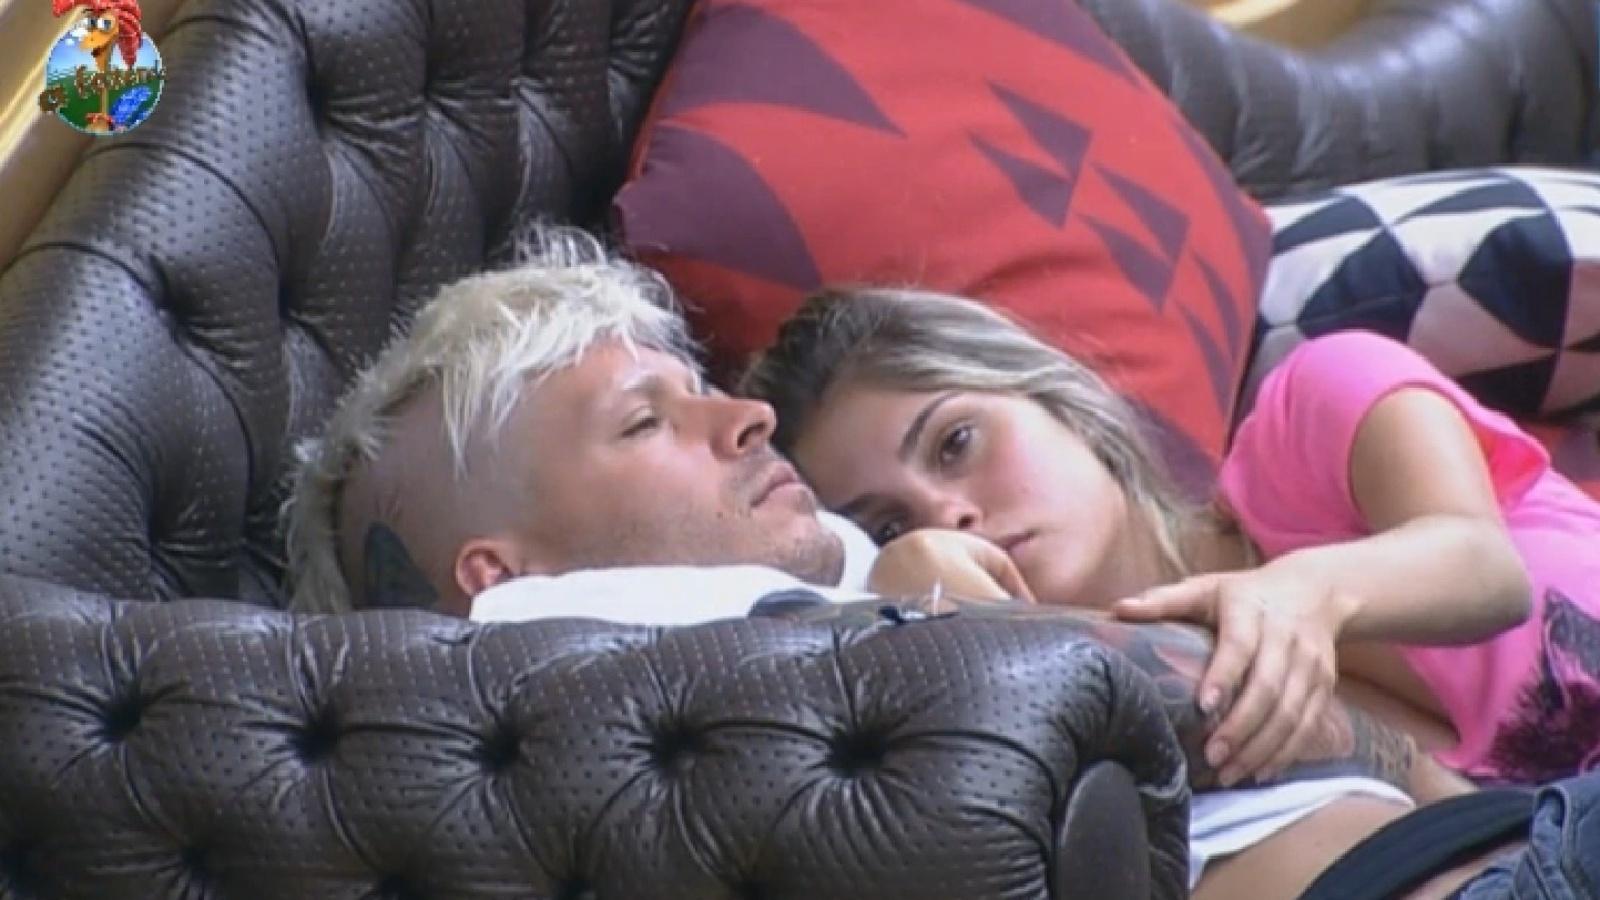 06.ago.2013 - Mateus e Bárbara descansam abraçados no sofá da sede na manhã desta terça-feira